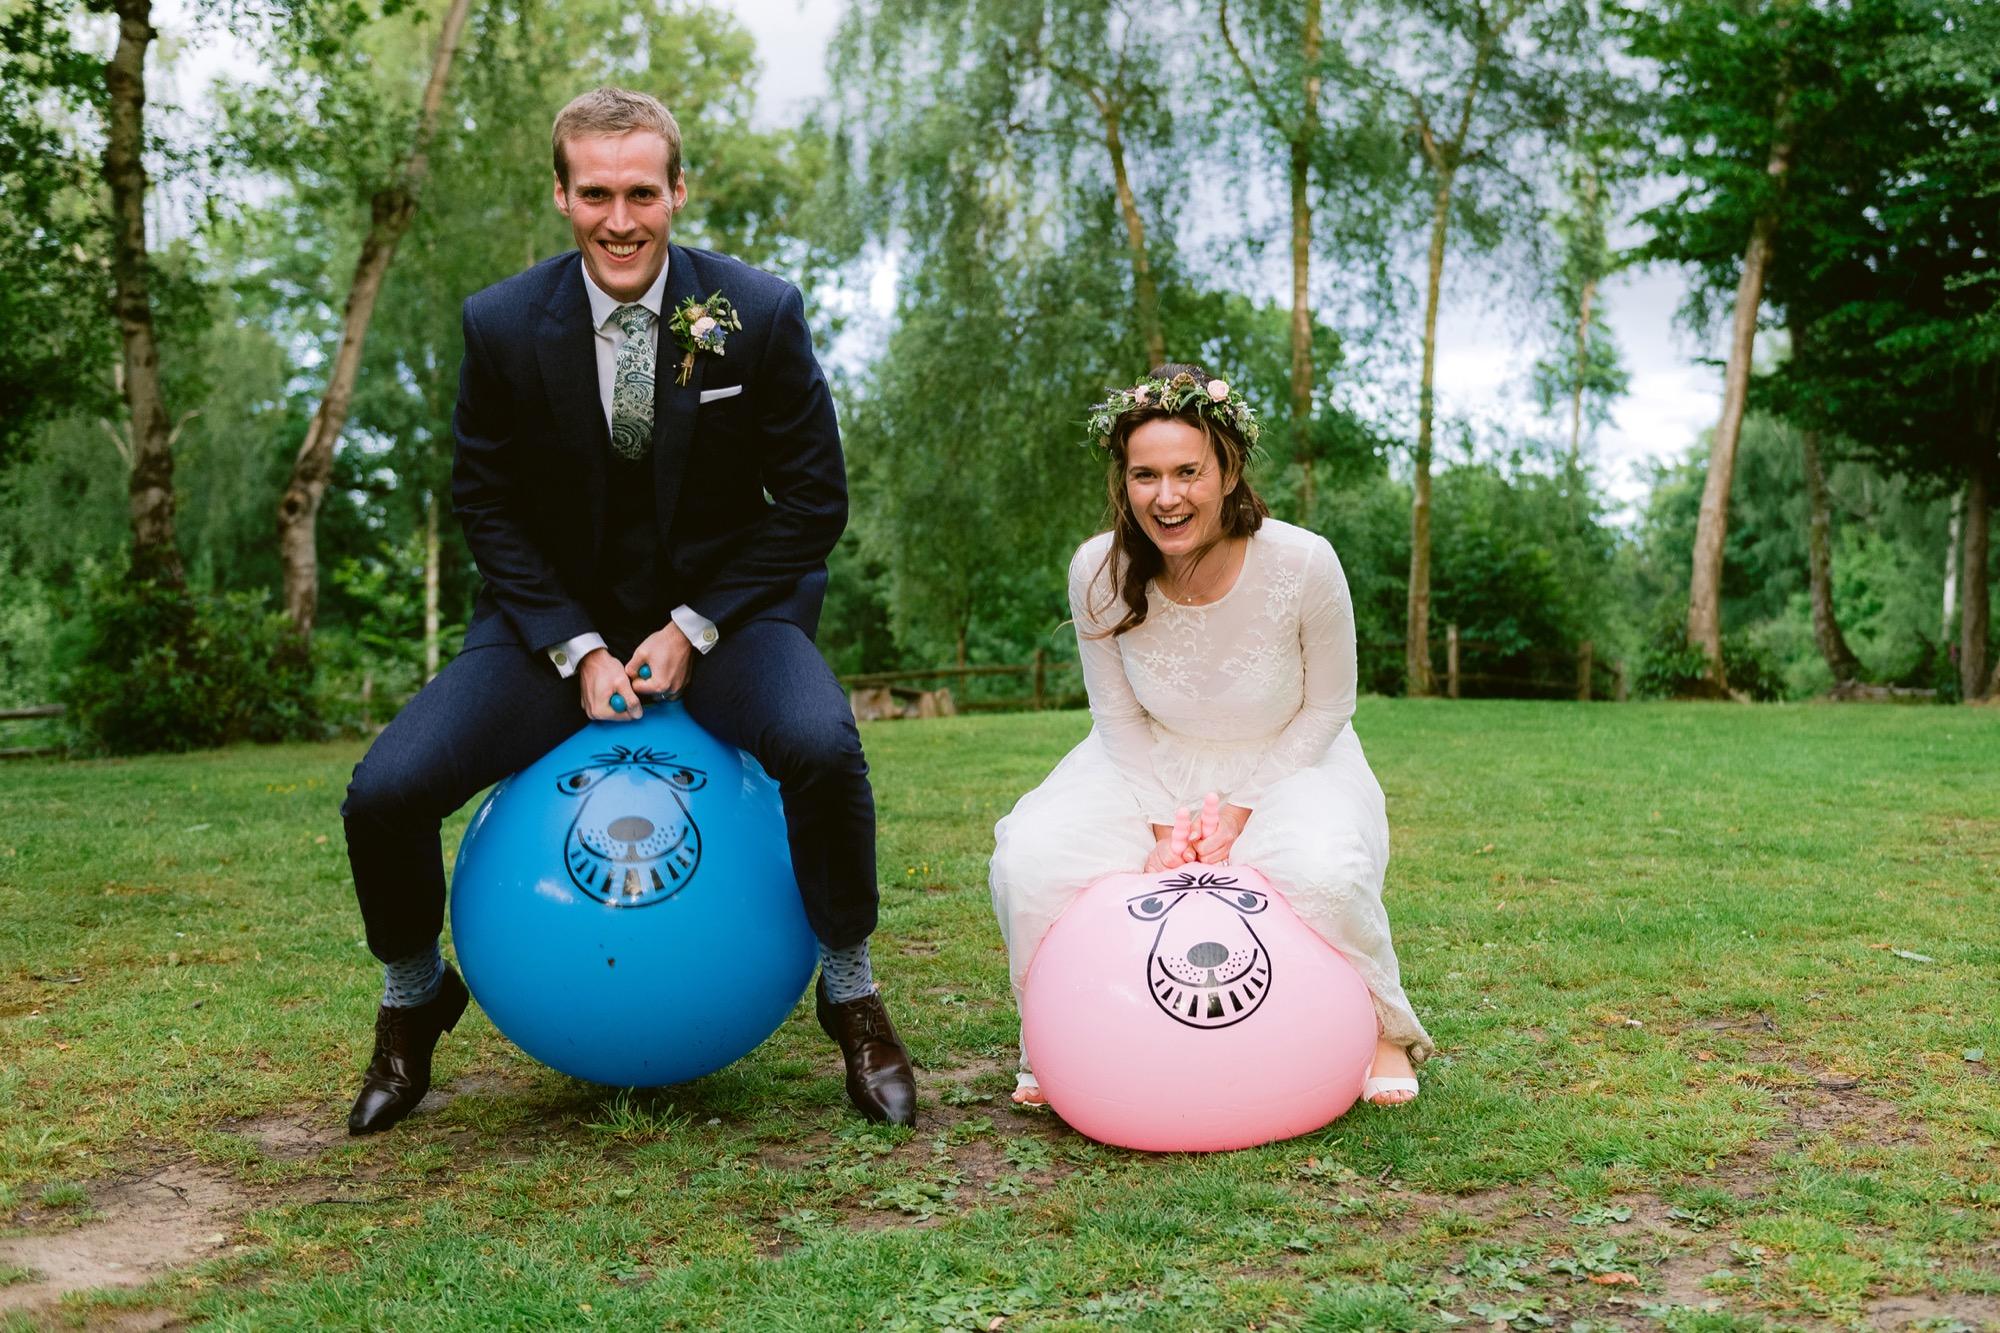 Nessa and Mark wedding 08 06 19-929.jpg